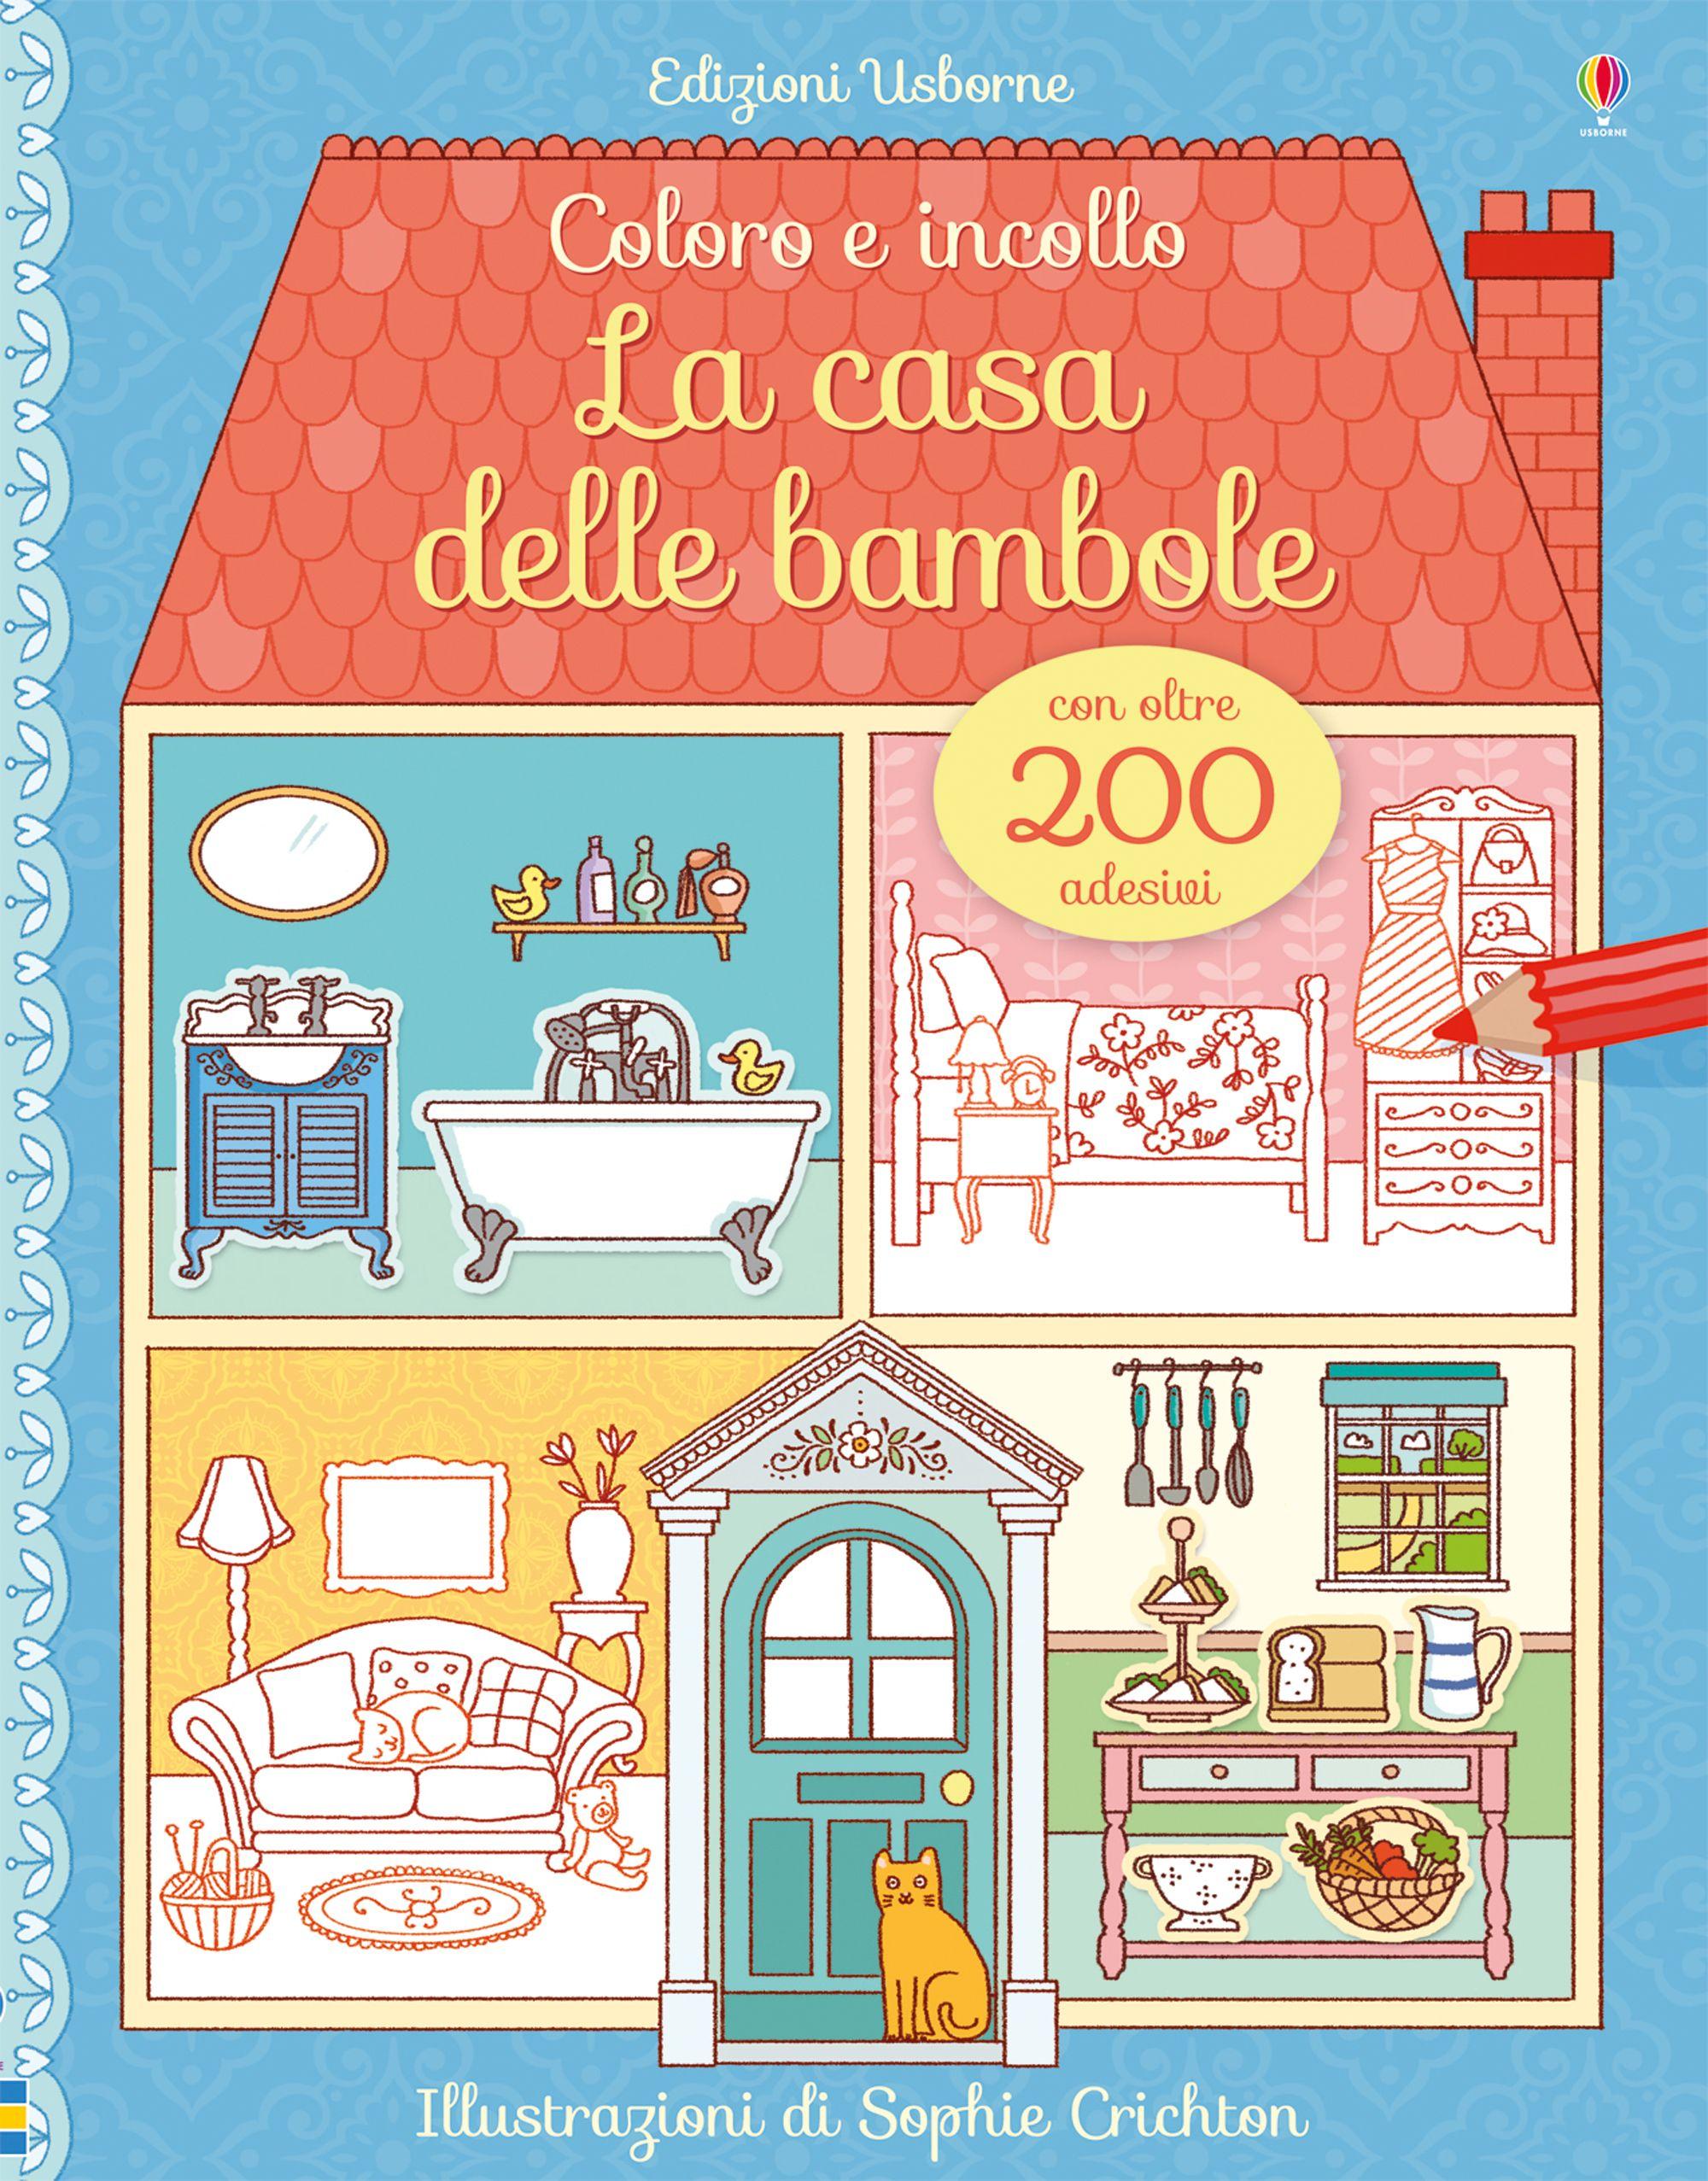 libriperbambini #edizioniusborne #libri #novità #edizioniuborne ...